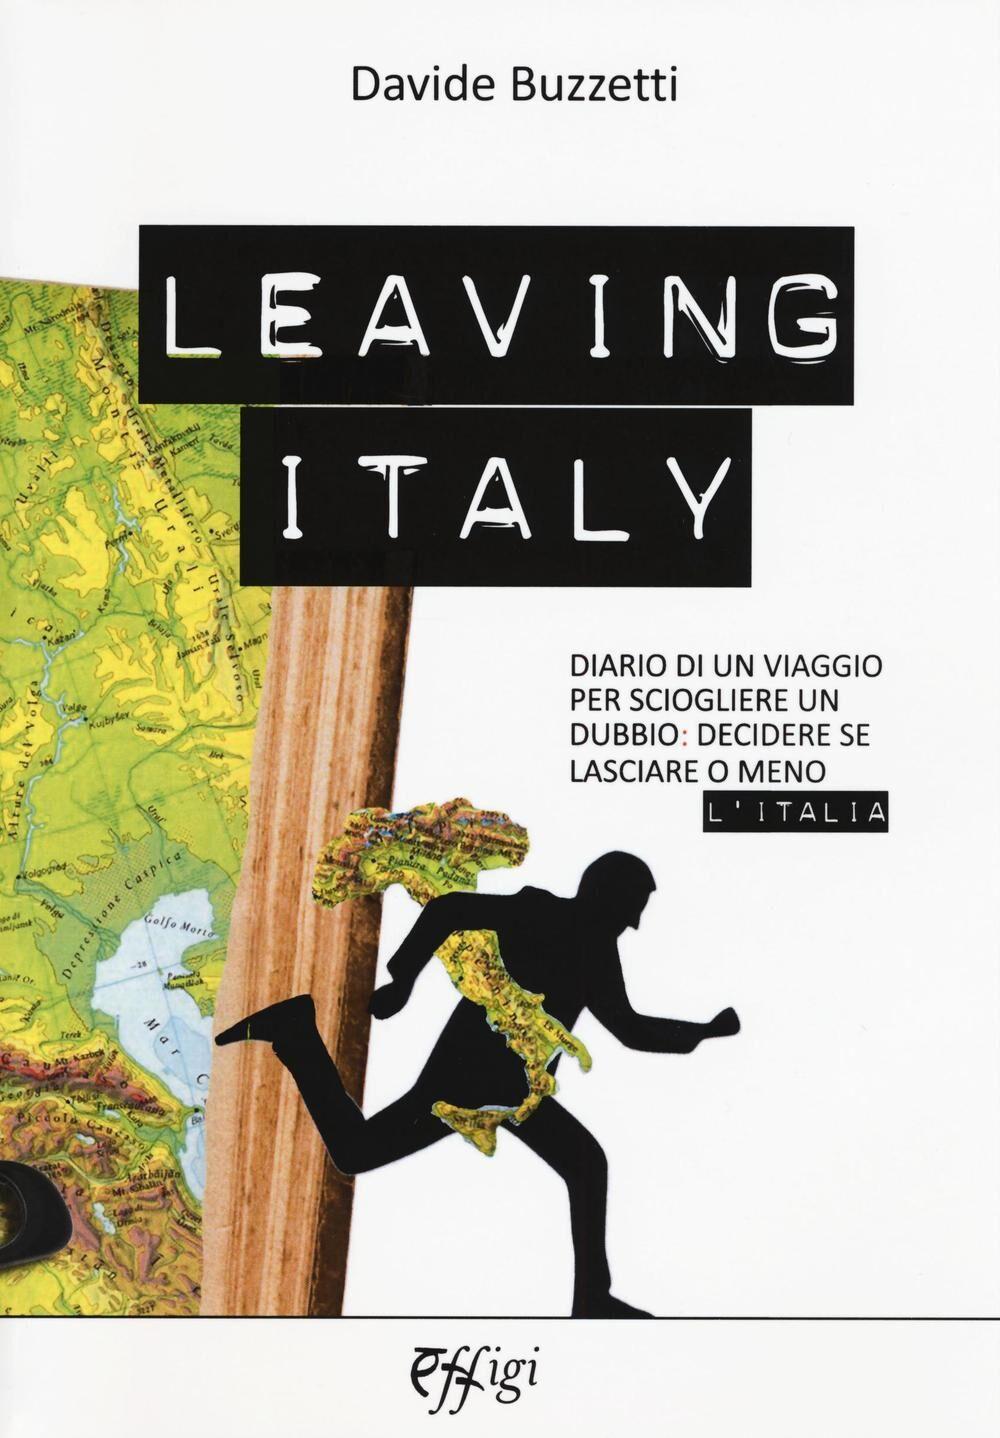 Leaving Italy. Diario di un viaggio per sciogliere un dubbio: decidere se lasciare o meno l'Italia